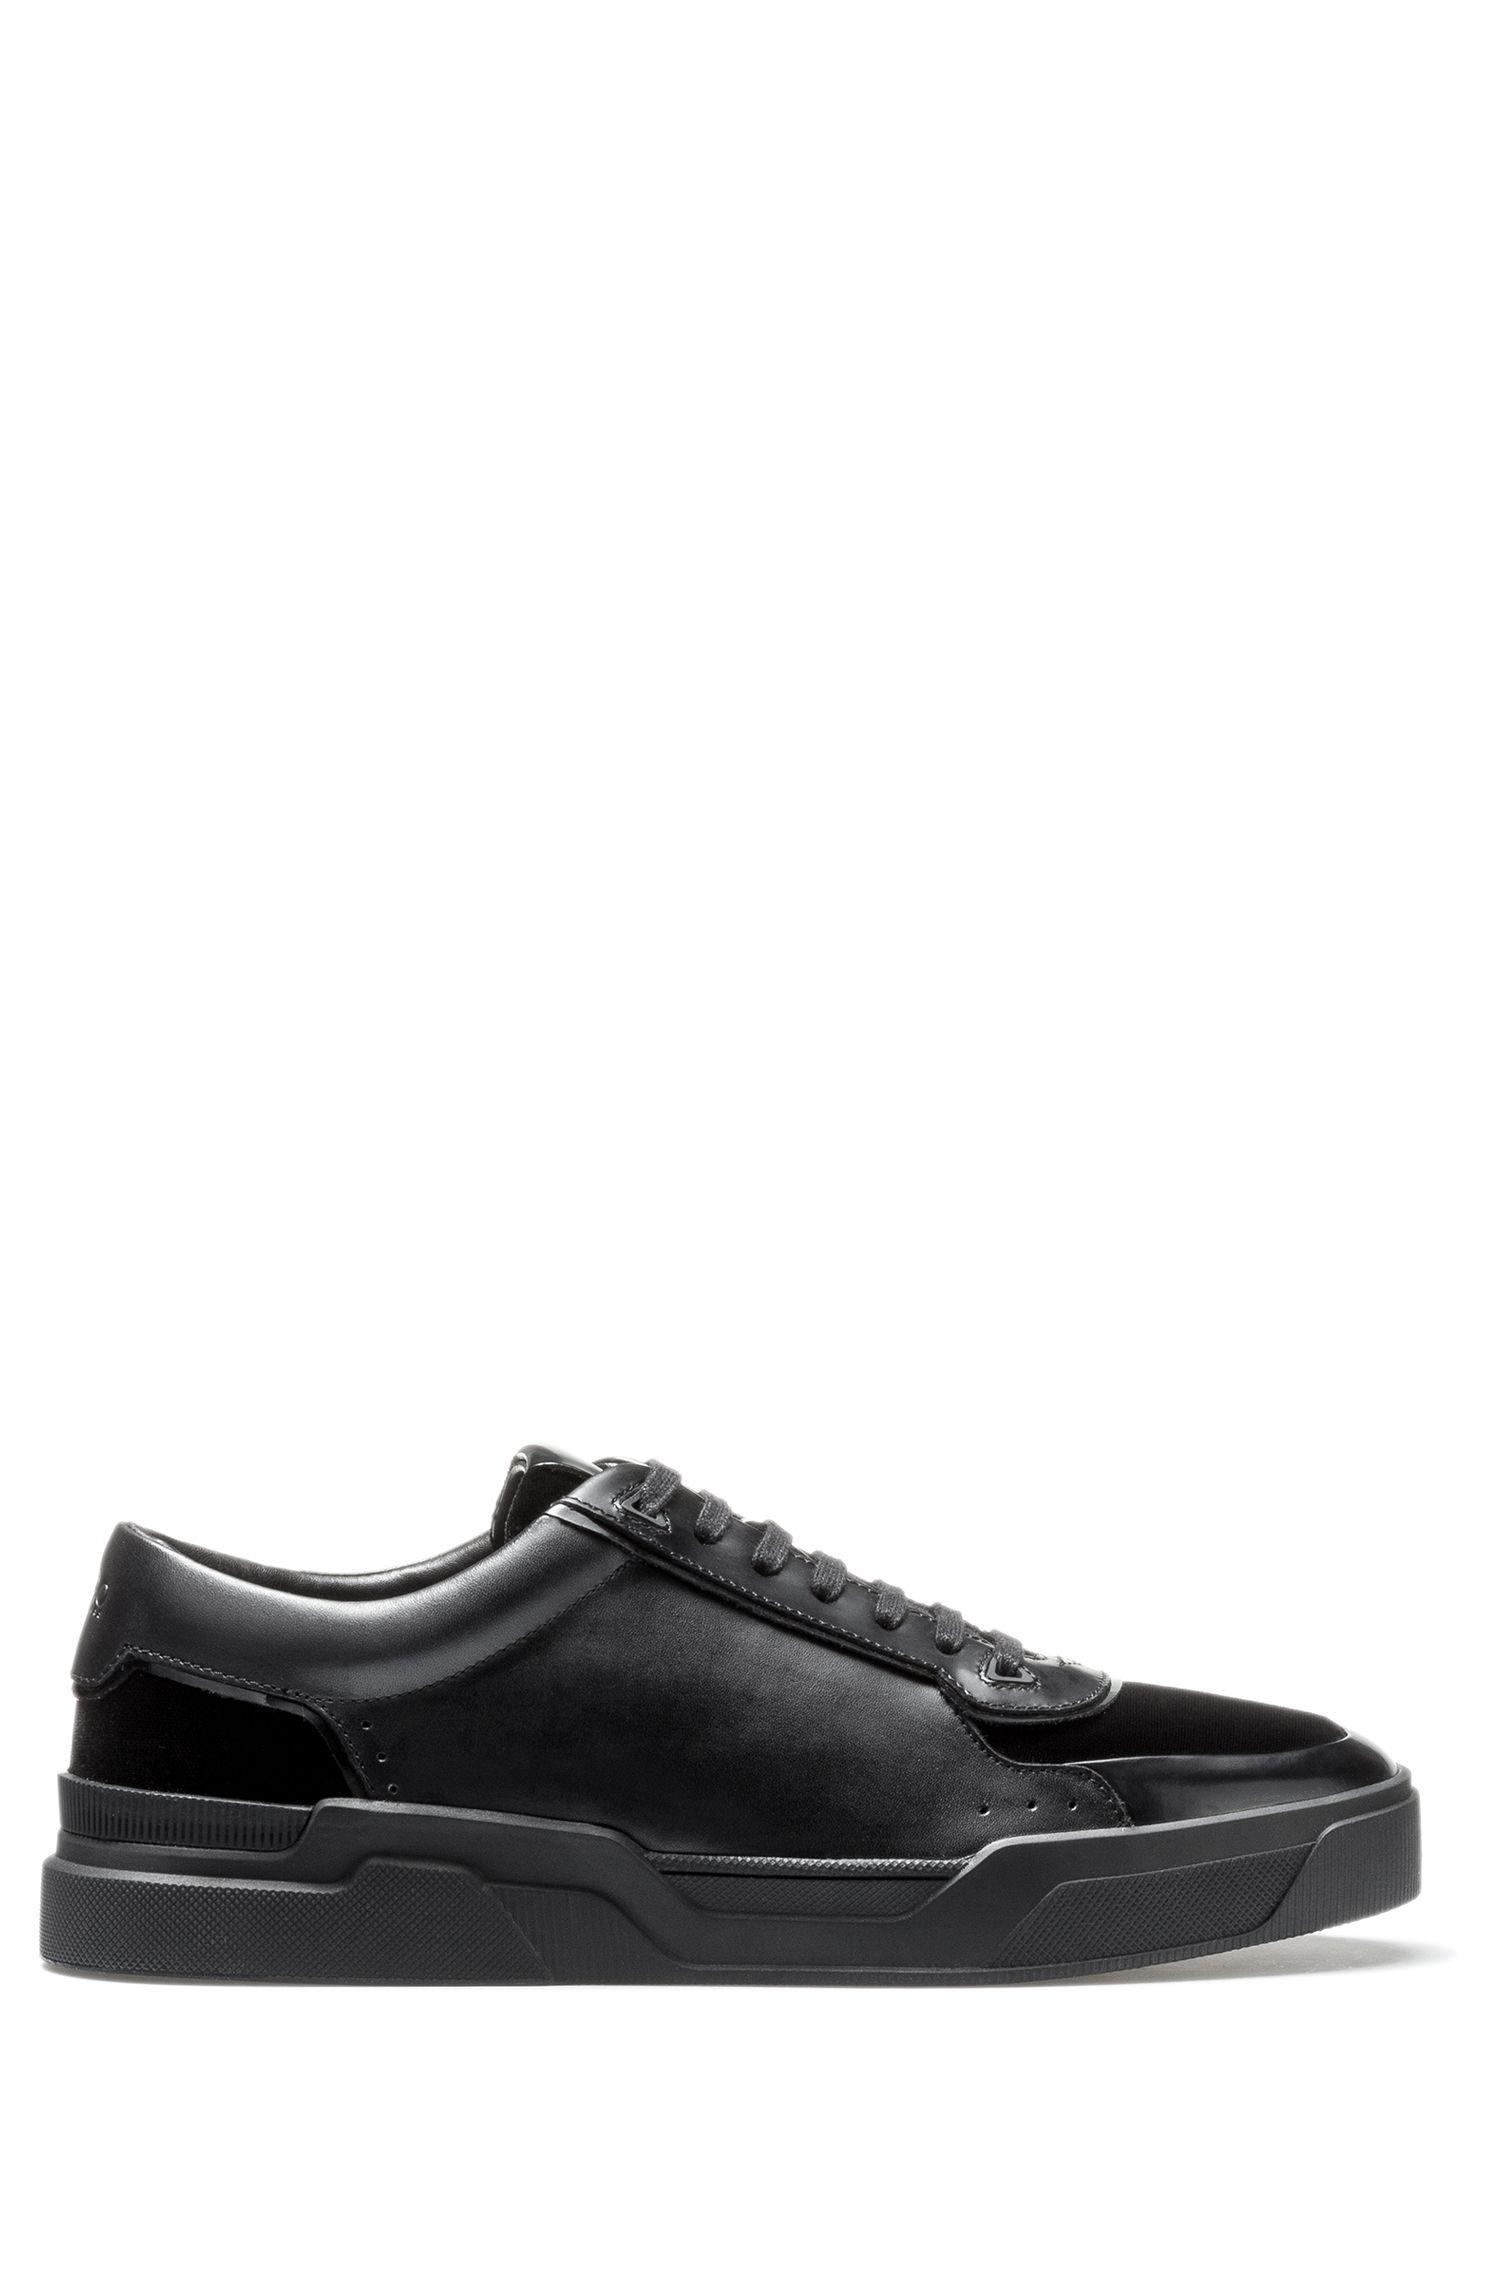 Nappa Leather & Italian Velvet Sneaker | Symmetric Tenn Itvlt